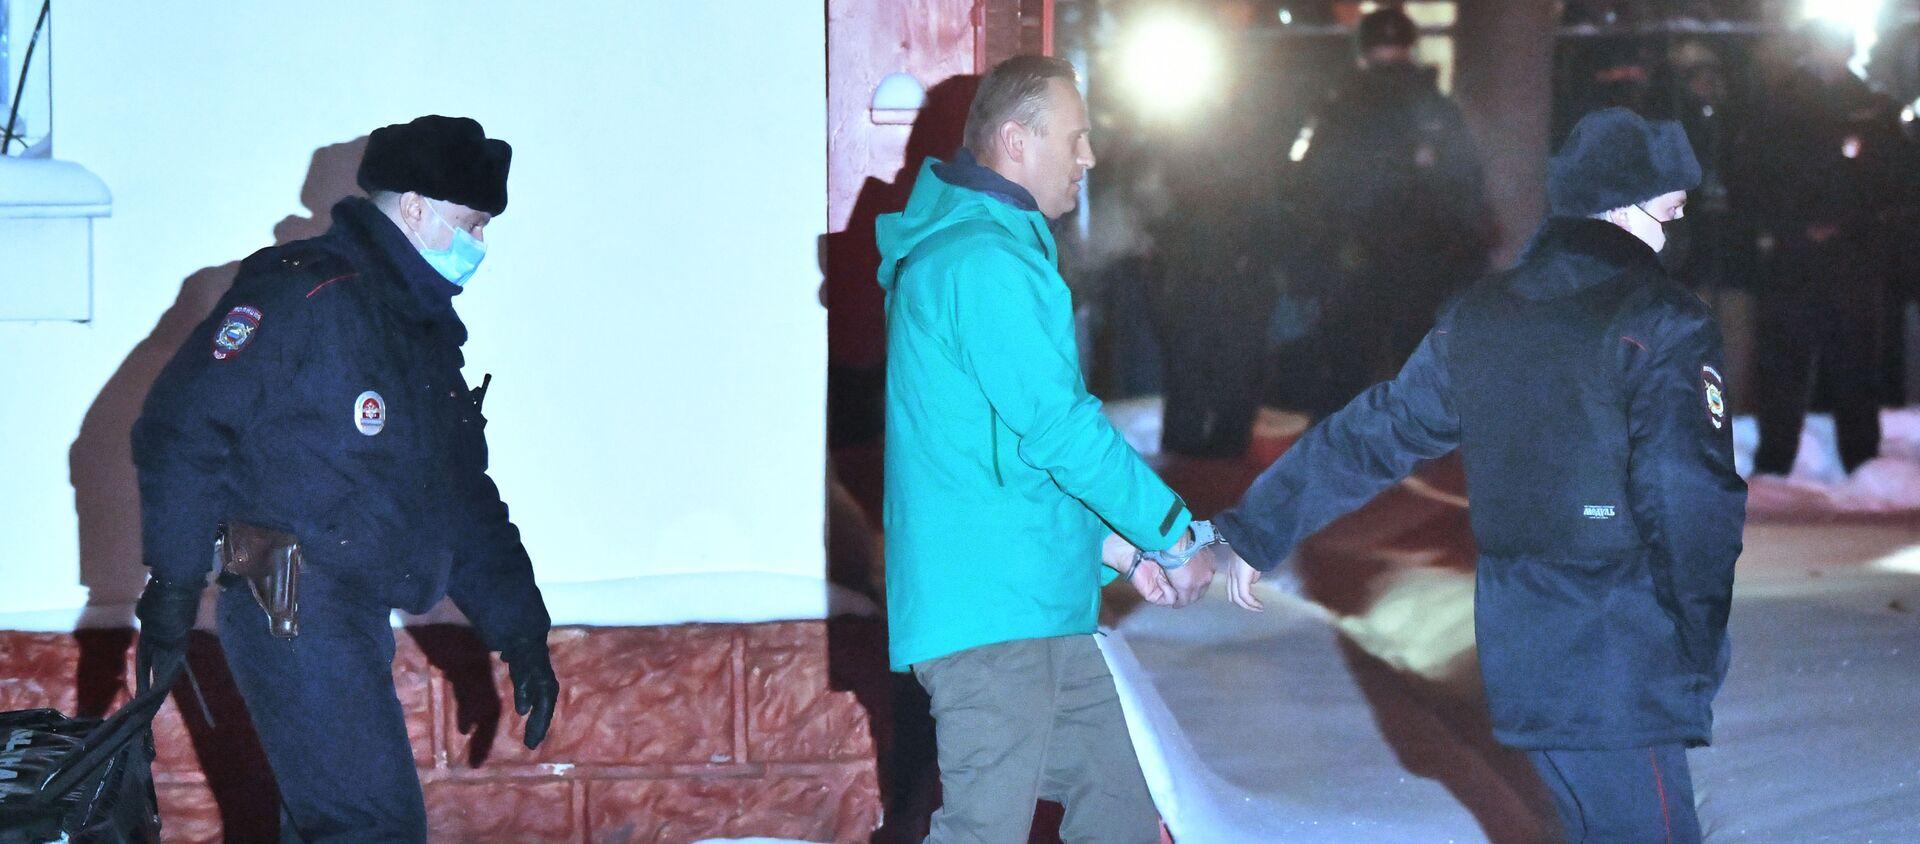 Pripadnici policije sprovode ruskog blogera Alekseja Navaljnog - Sputnik Srbija, 1920, 21.01.2021